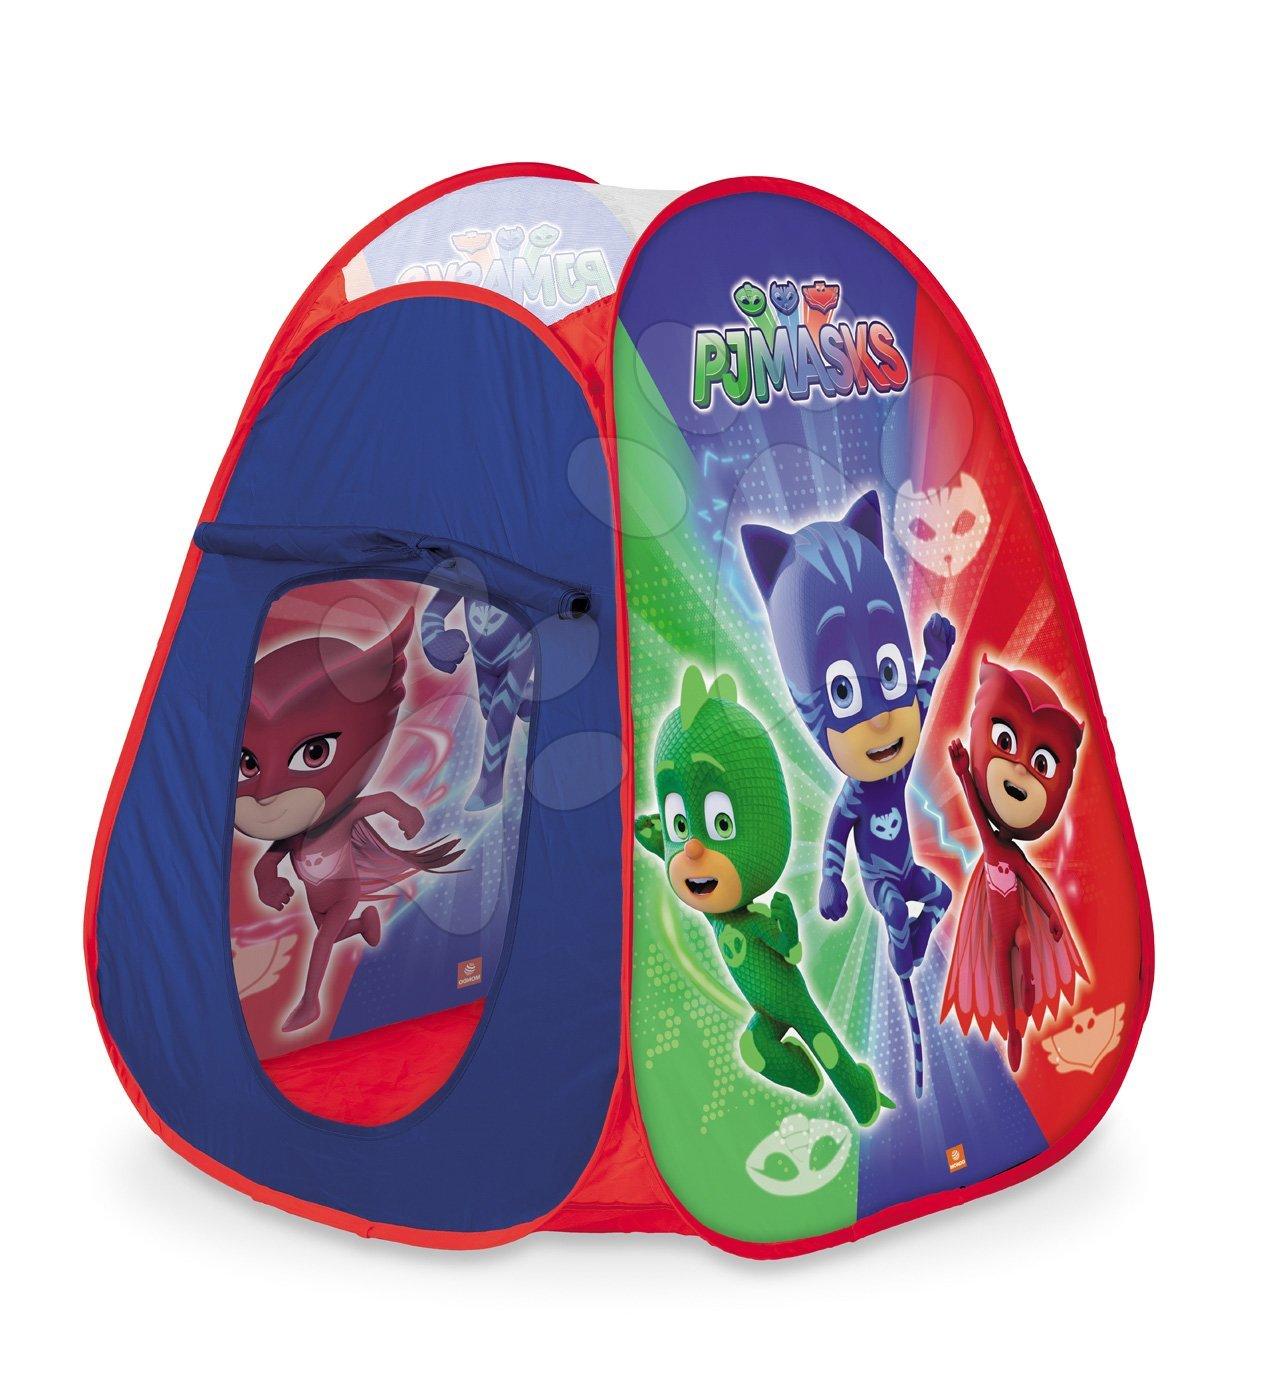 Šotor PJ Masks Pop Up Mondo z okroglo rdečo torbo